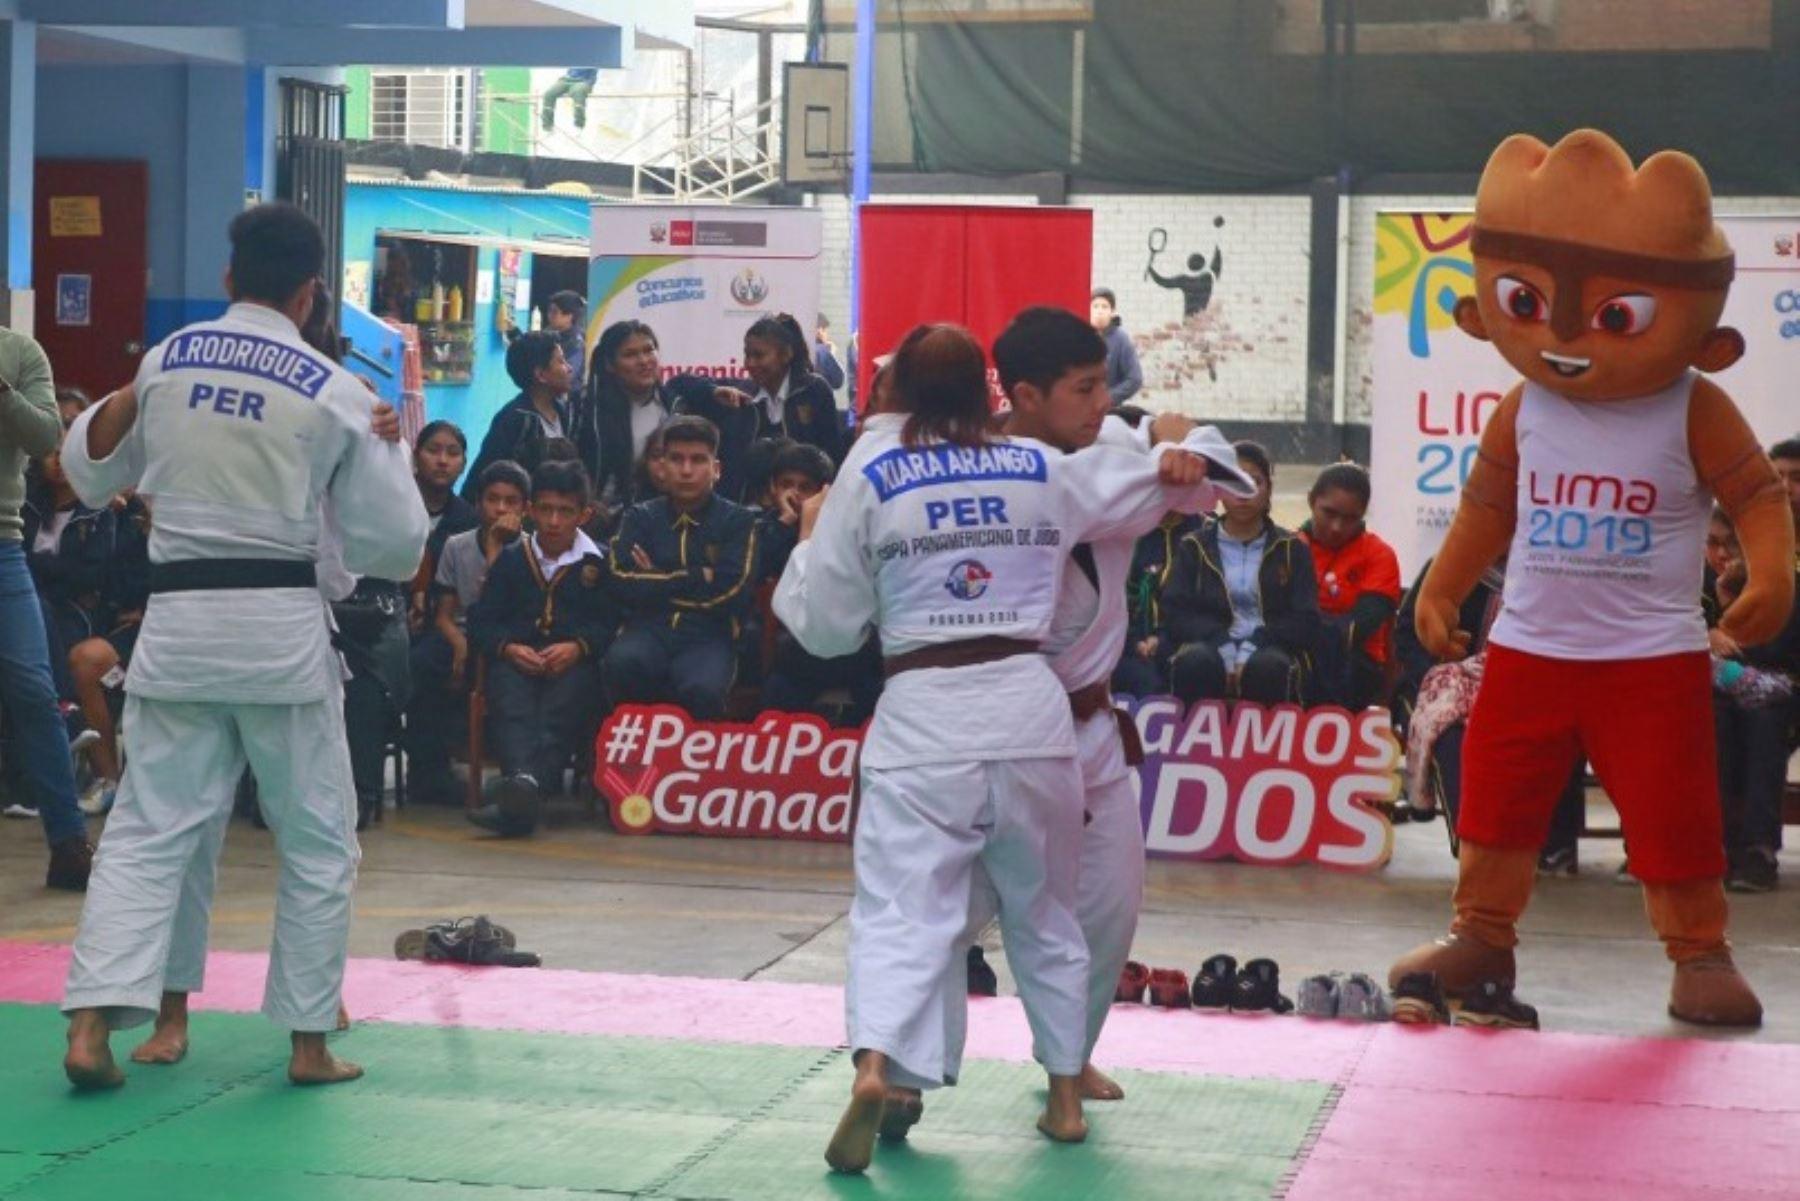 Exhibición de Judo en Los Olivos por los Juegos Panamericanos. Foto: ANDINA/Difusión